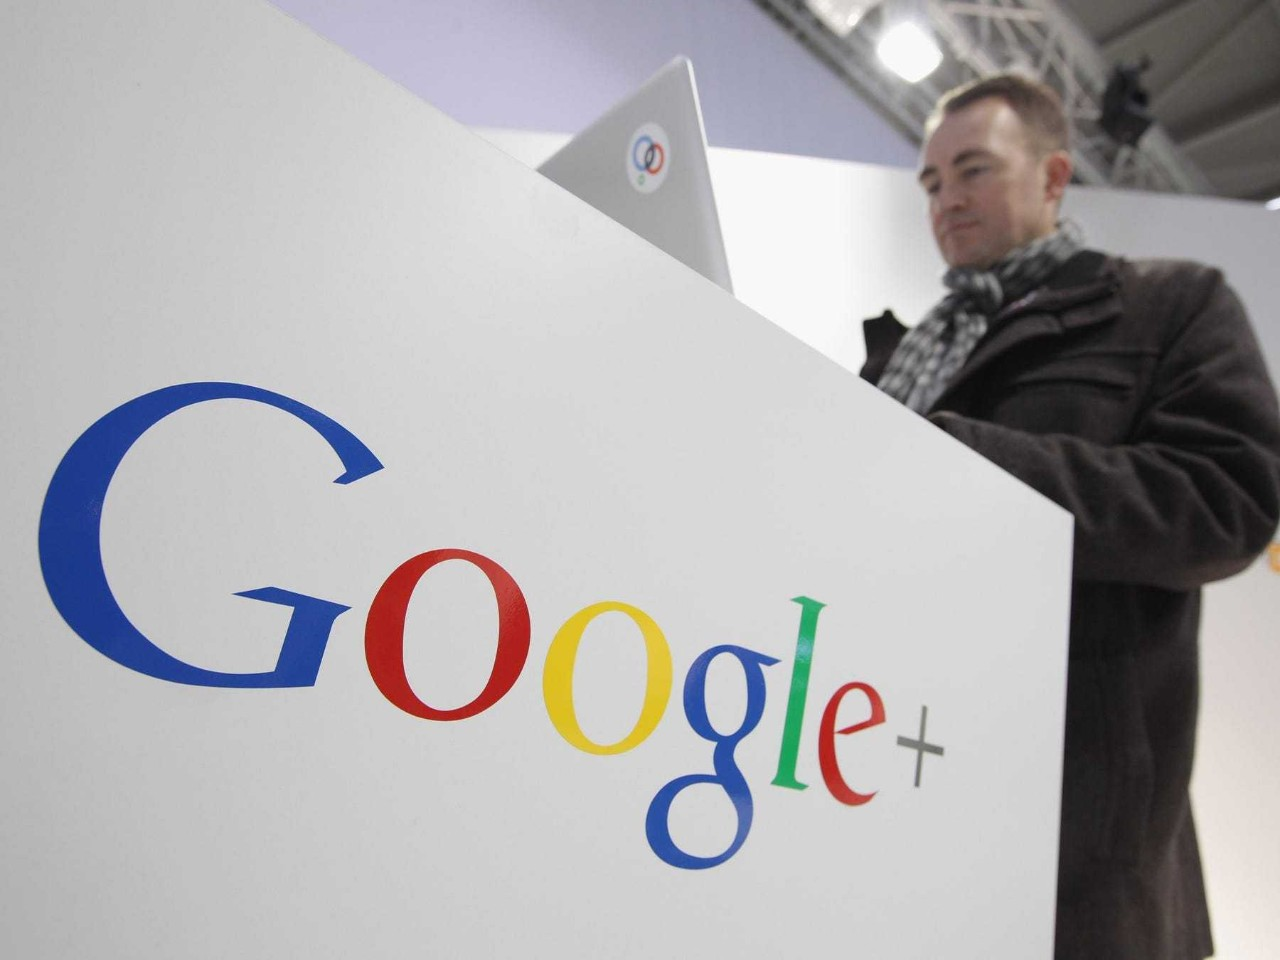 Google+ 集体诉讼和解,每人可获赔最高 $12